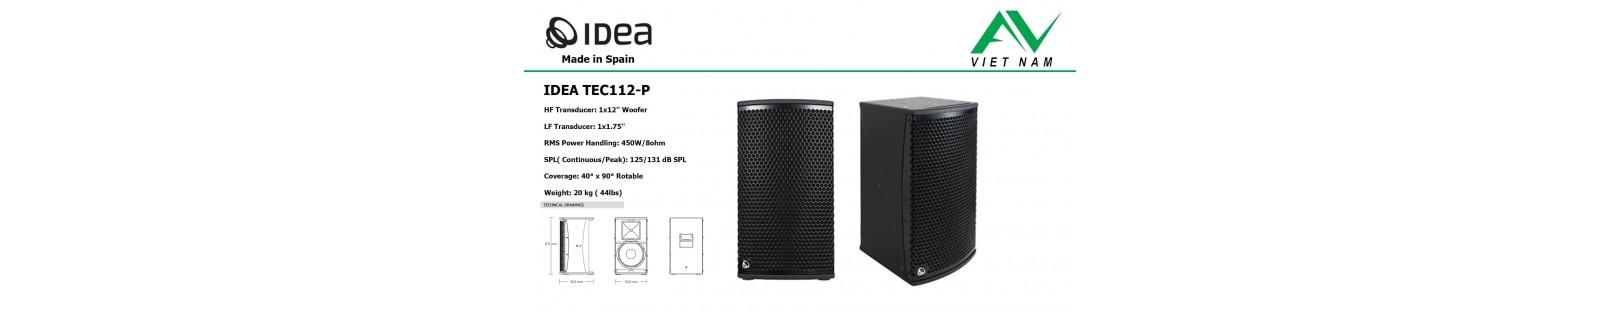 IDEA TEC112-P